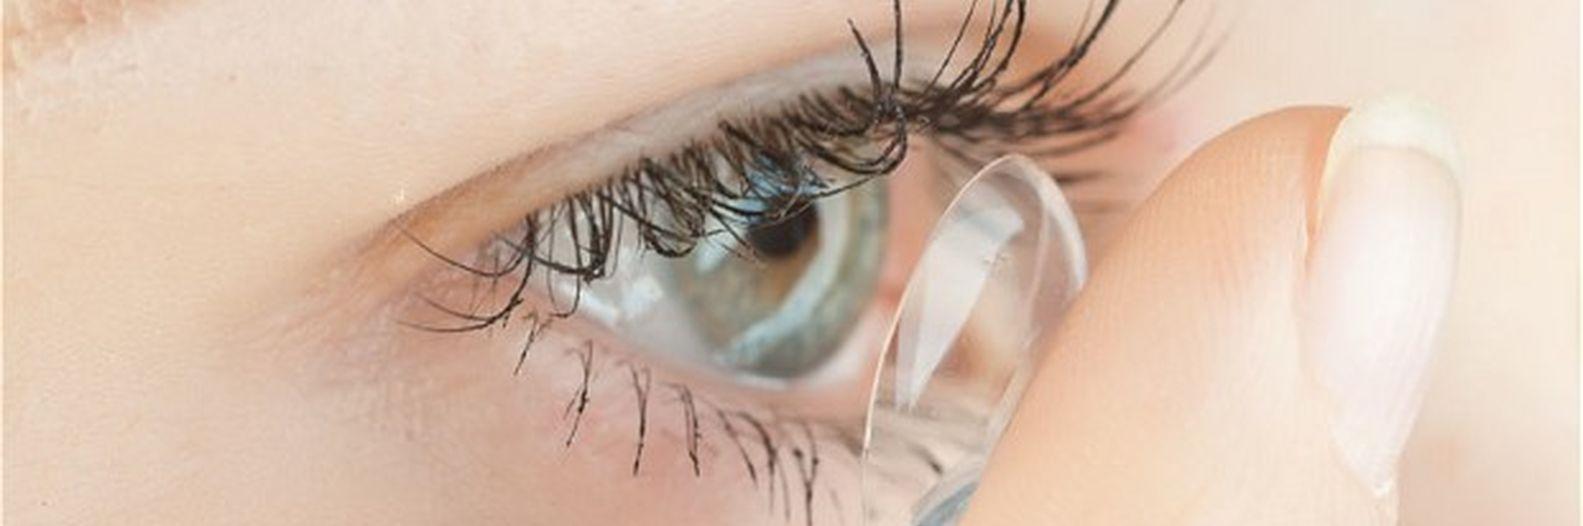 Lentilles de couleur : je change de look avec des lentilles de couleur